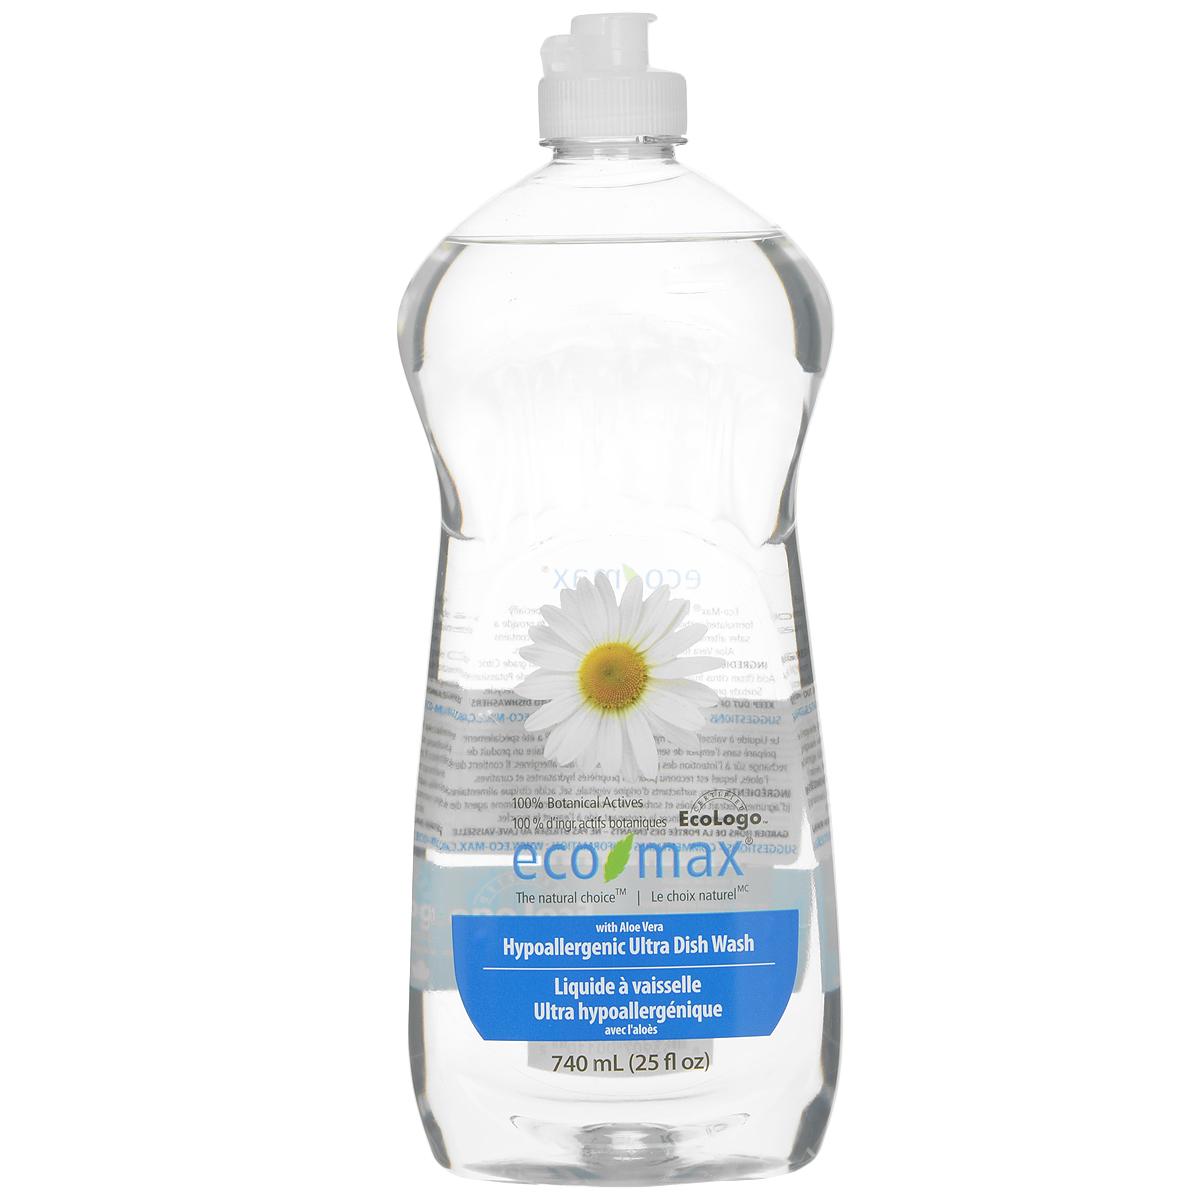 Средство для мытья посуды Eco Max, гипоаллергенное, 740 млES-412Средство для мытья посуды Eco Max - натуральное гипоаллергенное средство без запаха, на 100% растительной основе, полностью биоразлагаемое. Средство безопасно для кожи рук и прекрасно подходит для мытья детских бутылочек, чашек, сосок, молокоотсосов и т.д. В этом средстве используются активные чистящие вещества ингредиентов, полученных из биоразлагаемых и возобновляемых растительных источников. Специально разработано без использования сенсибилизаторов и безопасно для людей, чувствительных к различным запахам. Содержит алоэ вера, обладающее увлажняющими и заживляющими свойствами. Состав: вода, ПАВ растительного происхождения, растительный экстракт алоэ вера, соль, пищевой сорбат калия в качестве консерванта, пищевая лимонная кислота (из плодов лимона). Товар сертифицирован.